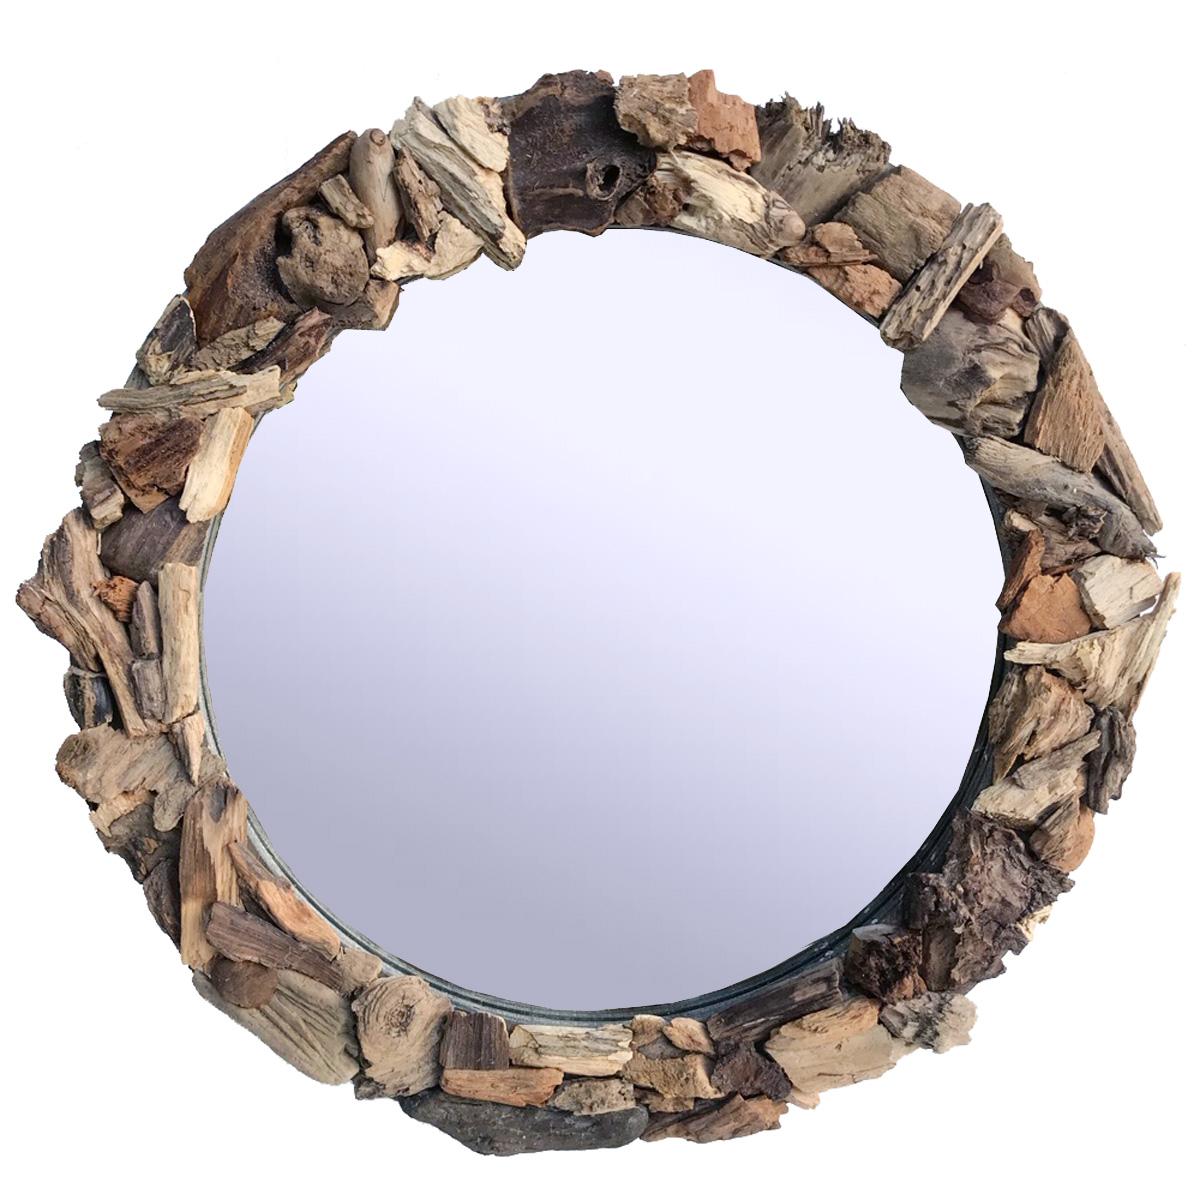 Treibholz Spiegel Rund 35cm Modell P A R S Designobjekte Und